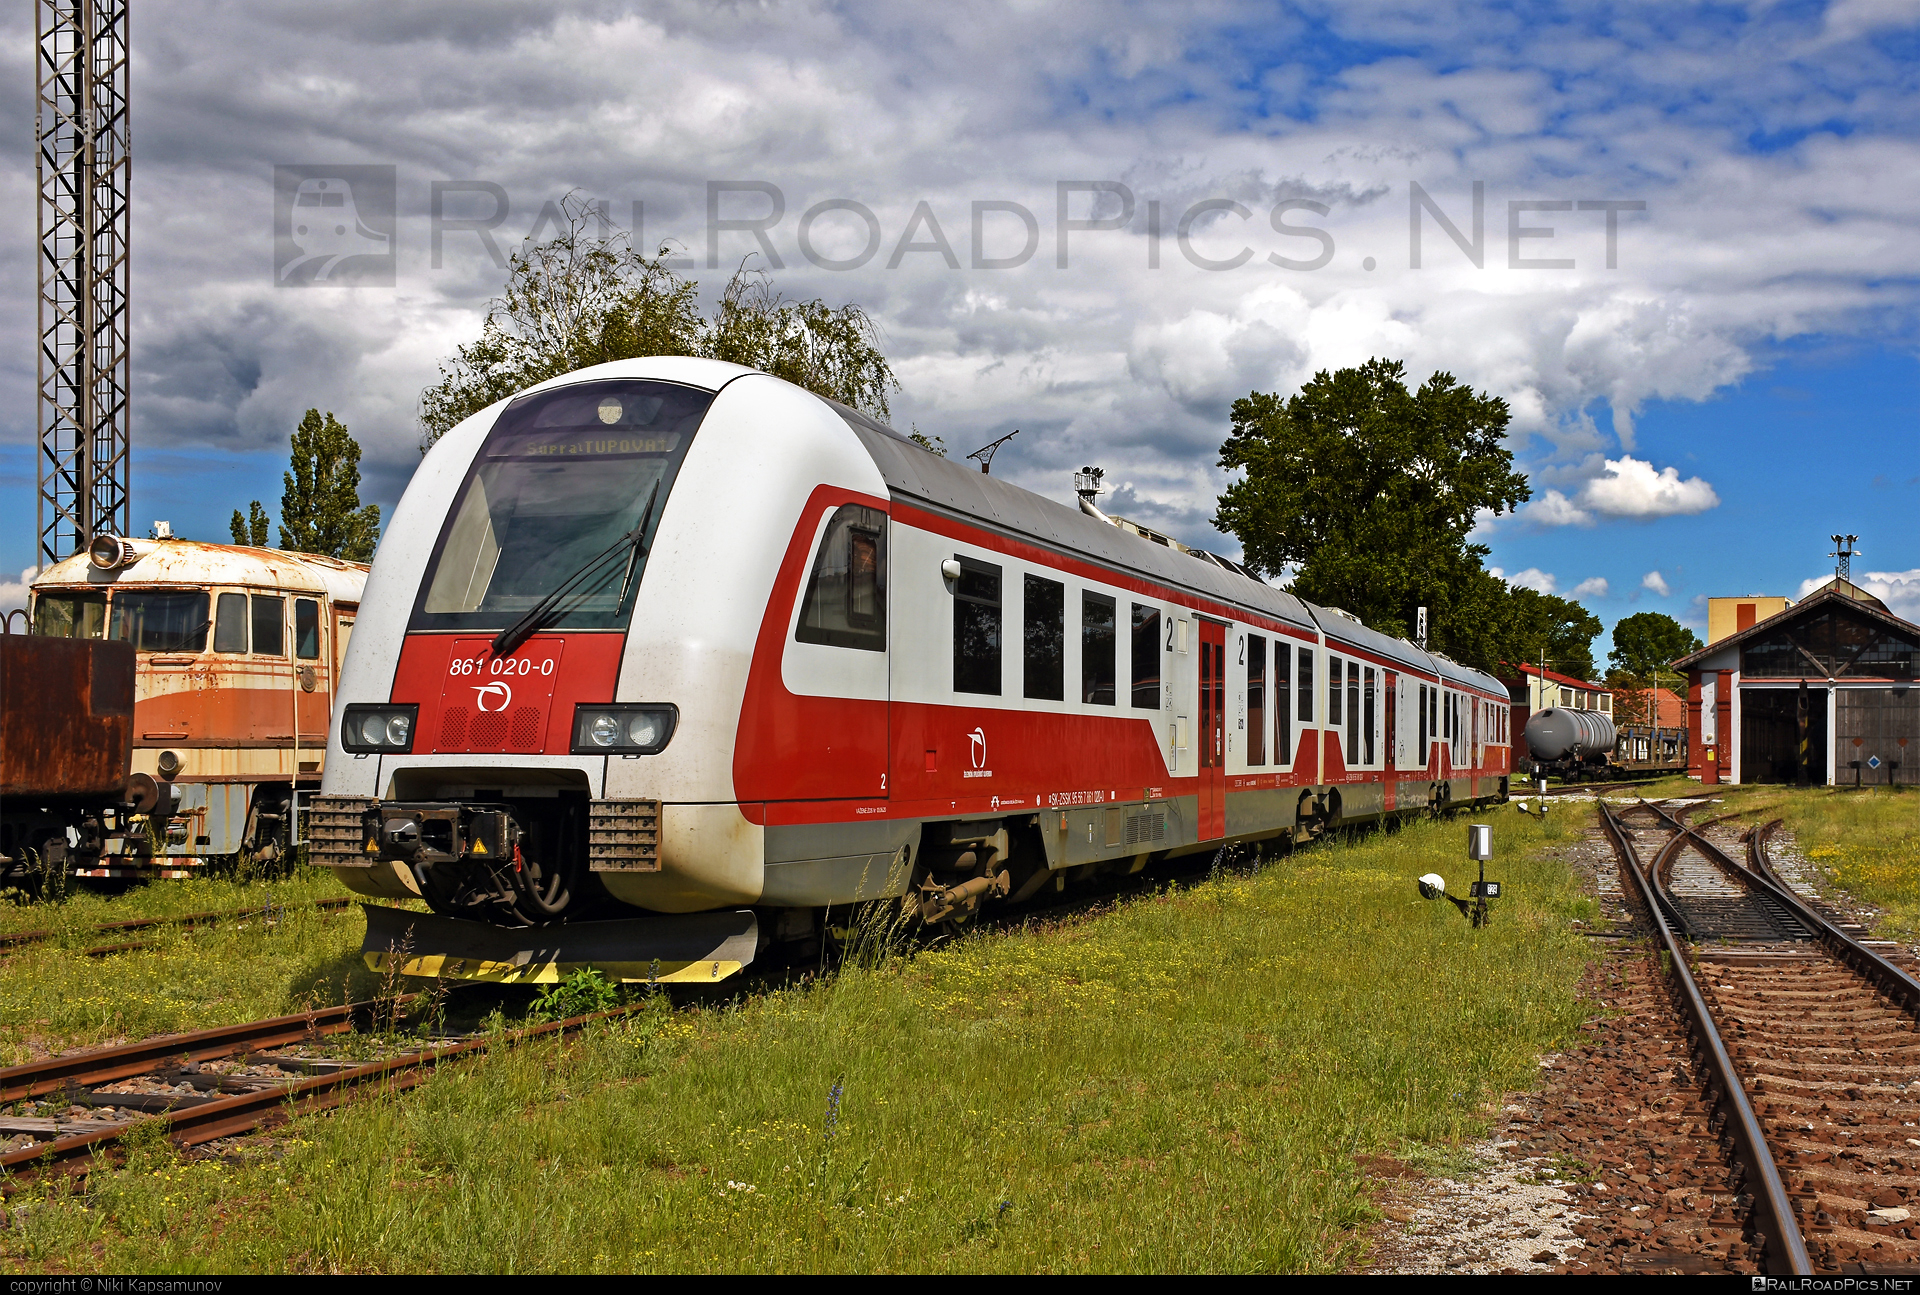 ŽOS Vrútky Class 861.0 - 861 020-0 operated by Železničná Spoločnost' Slovensko, a.s. #ZeleznicnaSpolocnostSlovensko #zosvrutky #zosvrutky861 #zosvrutky8610 #zssk #zssk861 #zssk8610